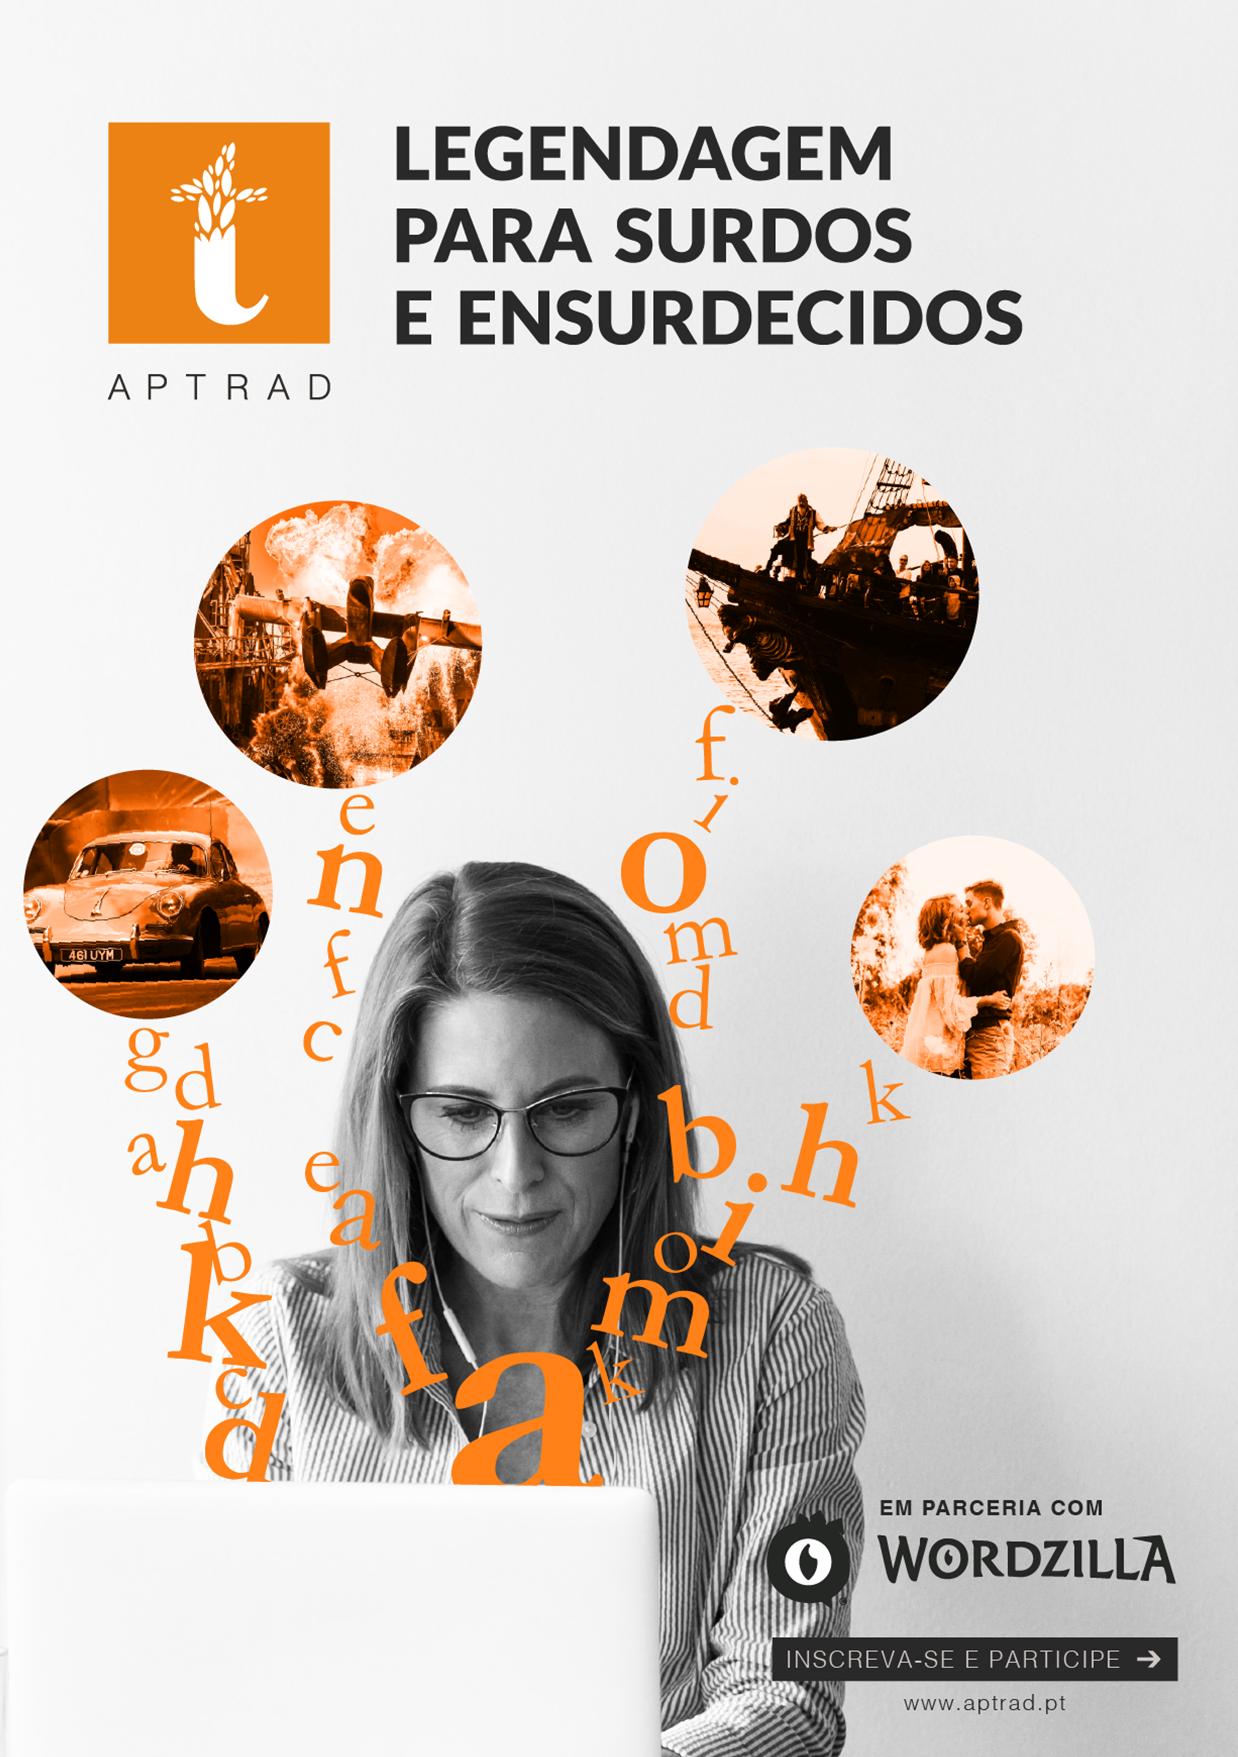 Formação de Legendagem para Surdos e Ensurdecidos - Tradaptação